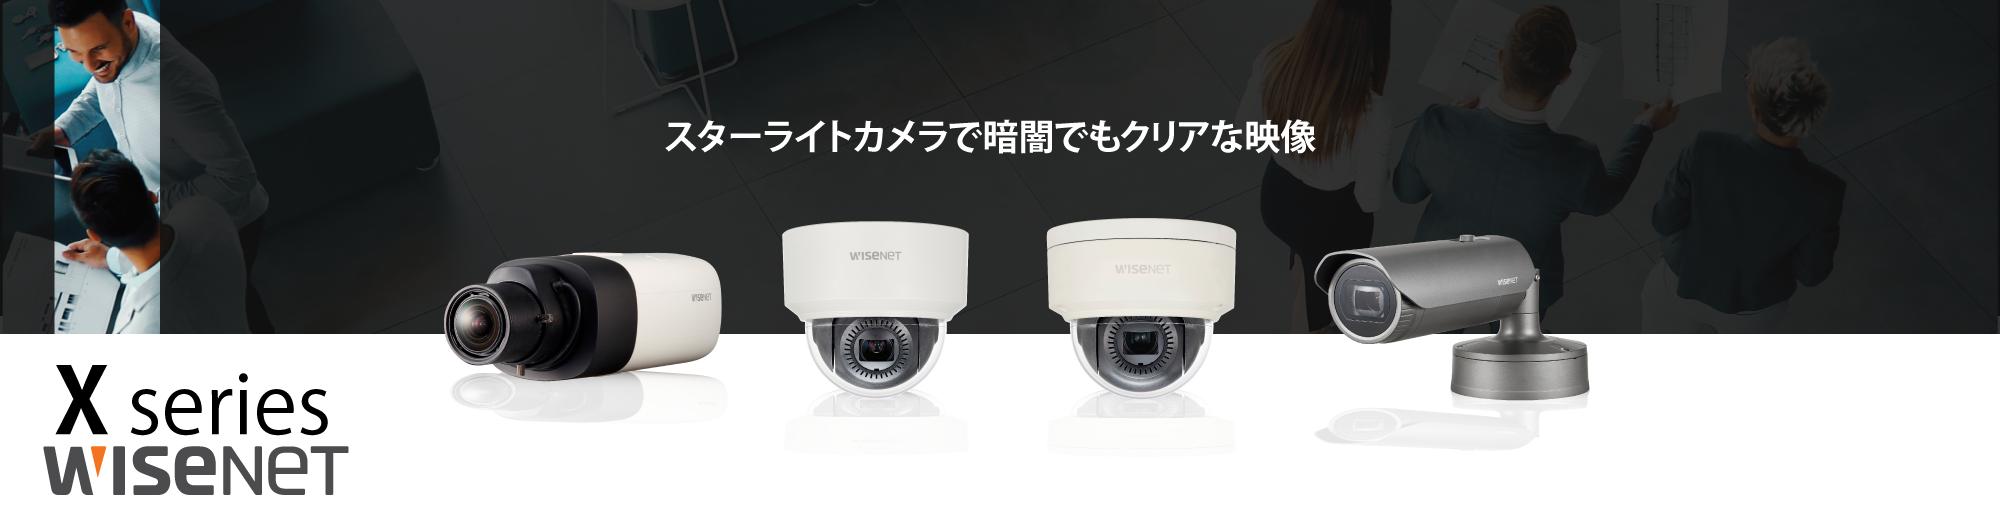 XNB-6001N  XNB-6005N XND-6085N XNO-6085RN XNV-6085N  スターライトカメラで暗闇でもクリアな映像